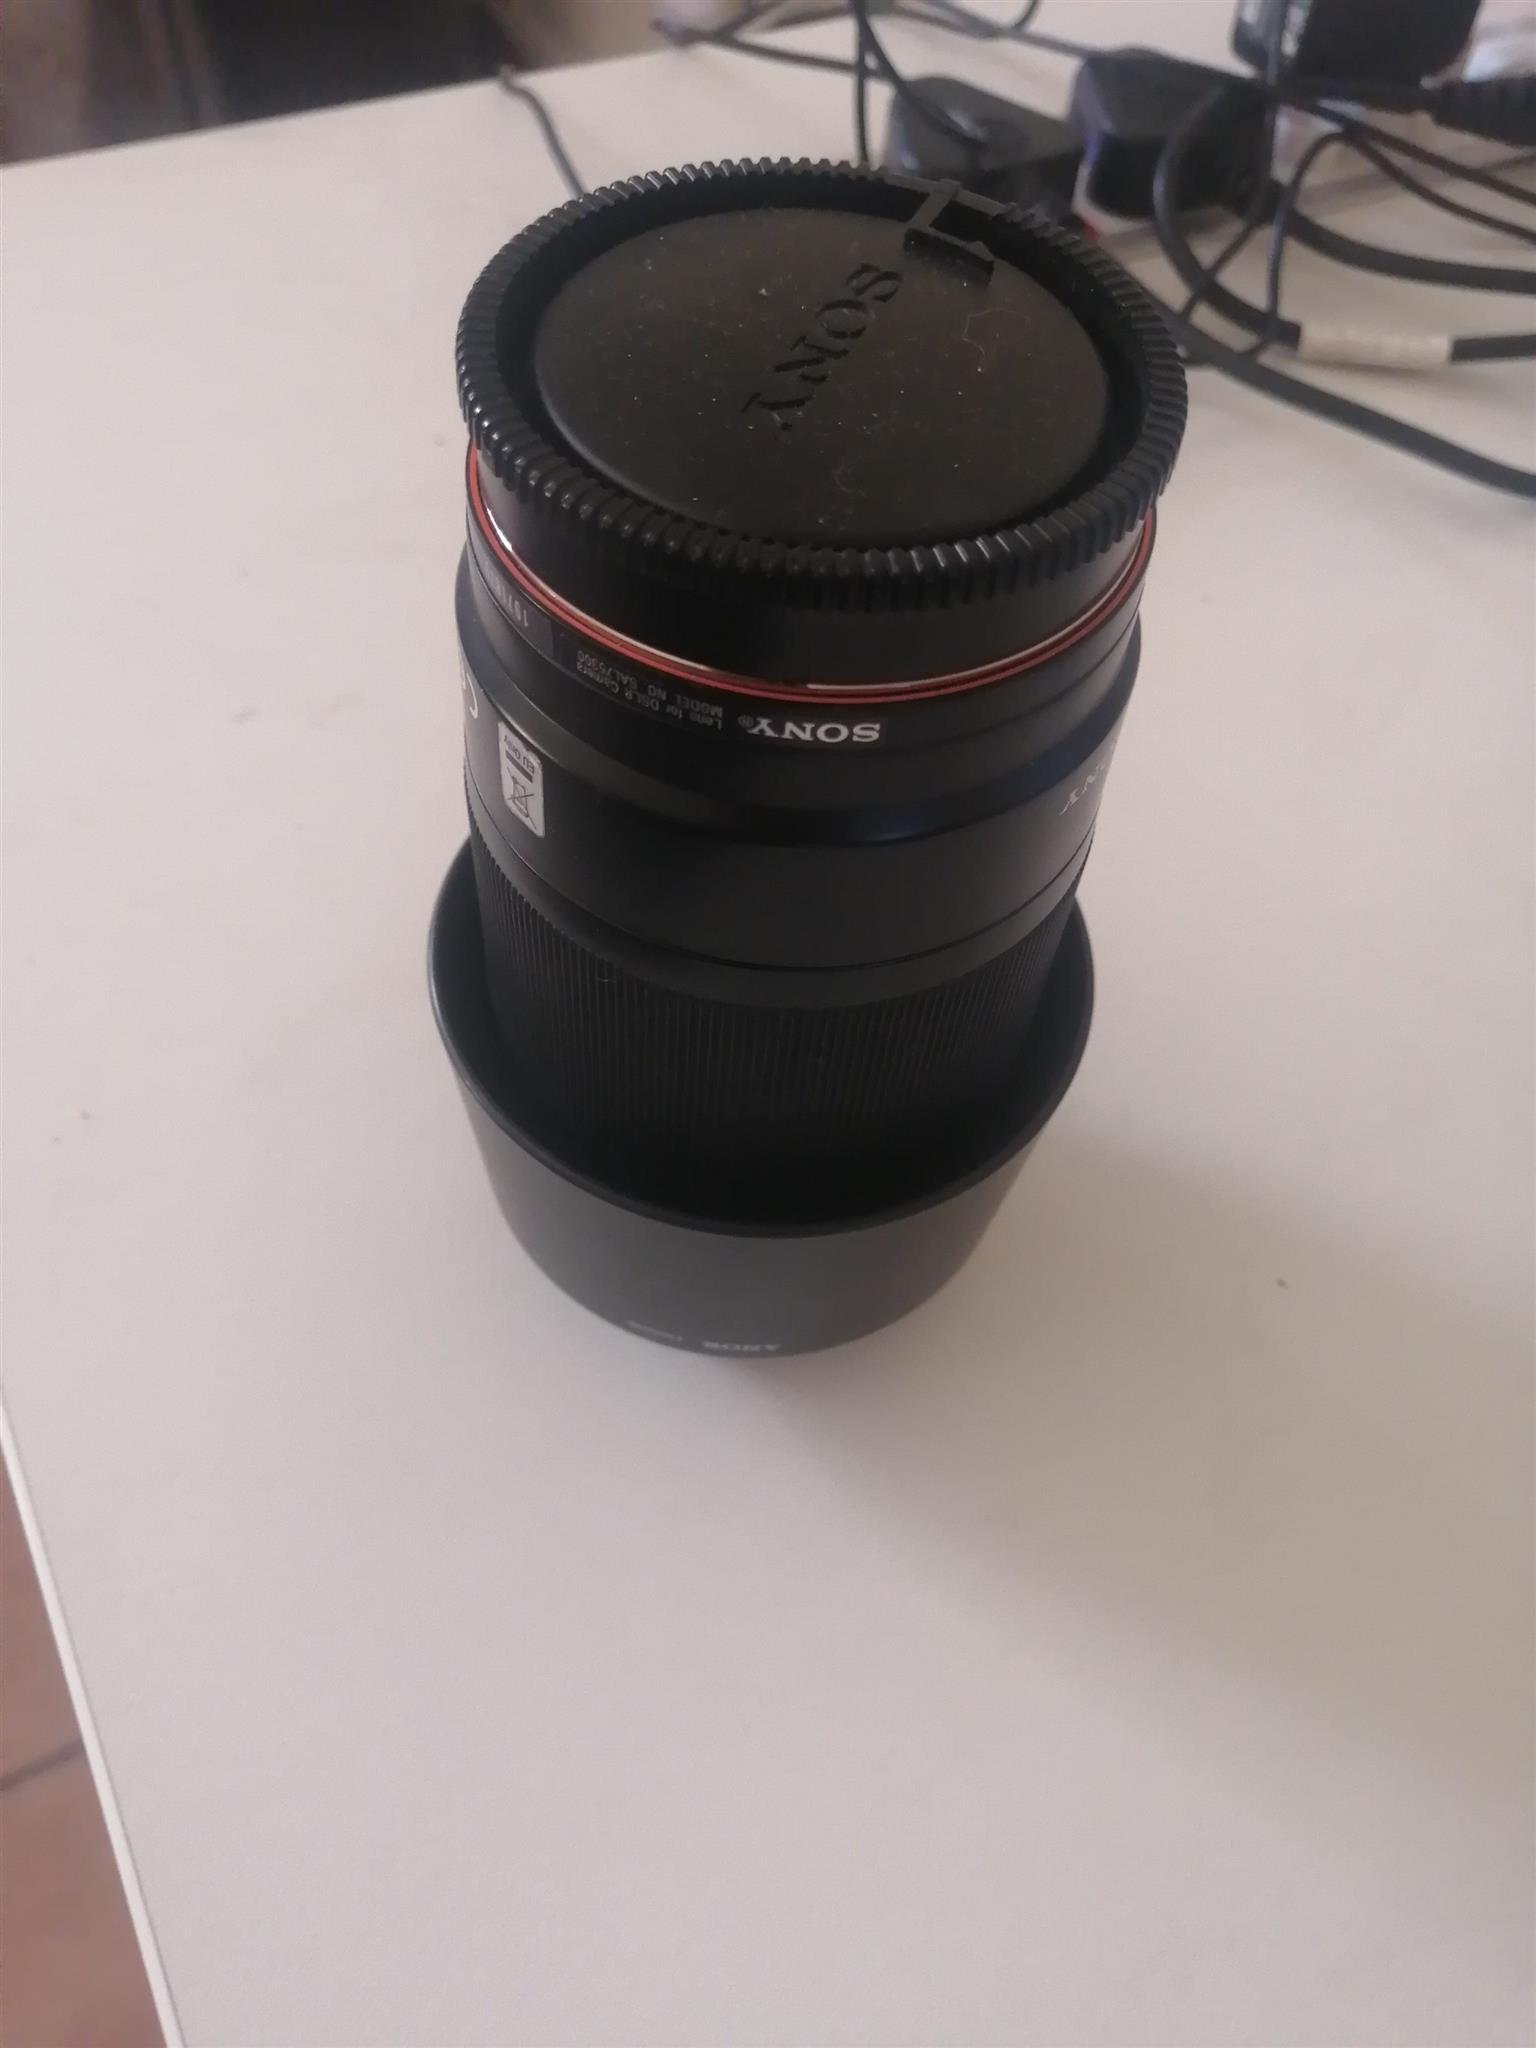 Camera Lens - Sony 75-300mm